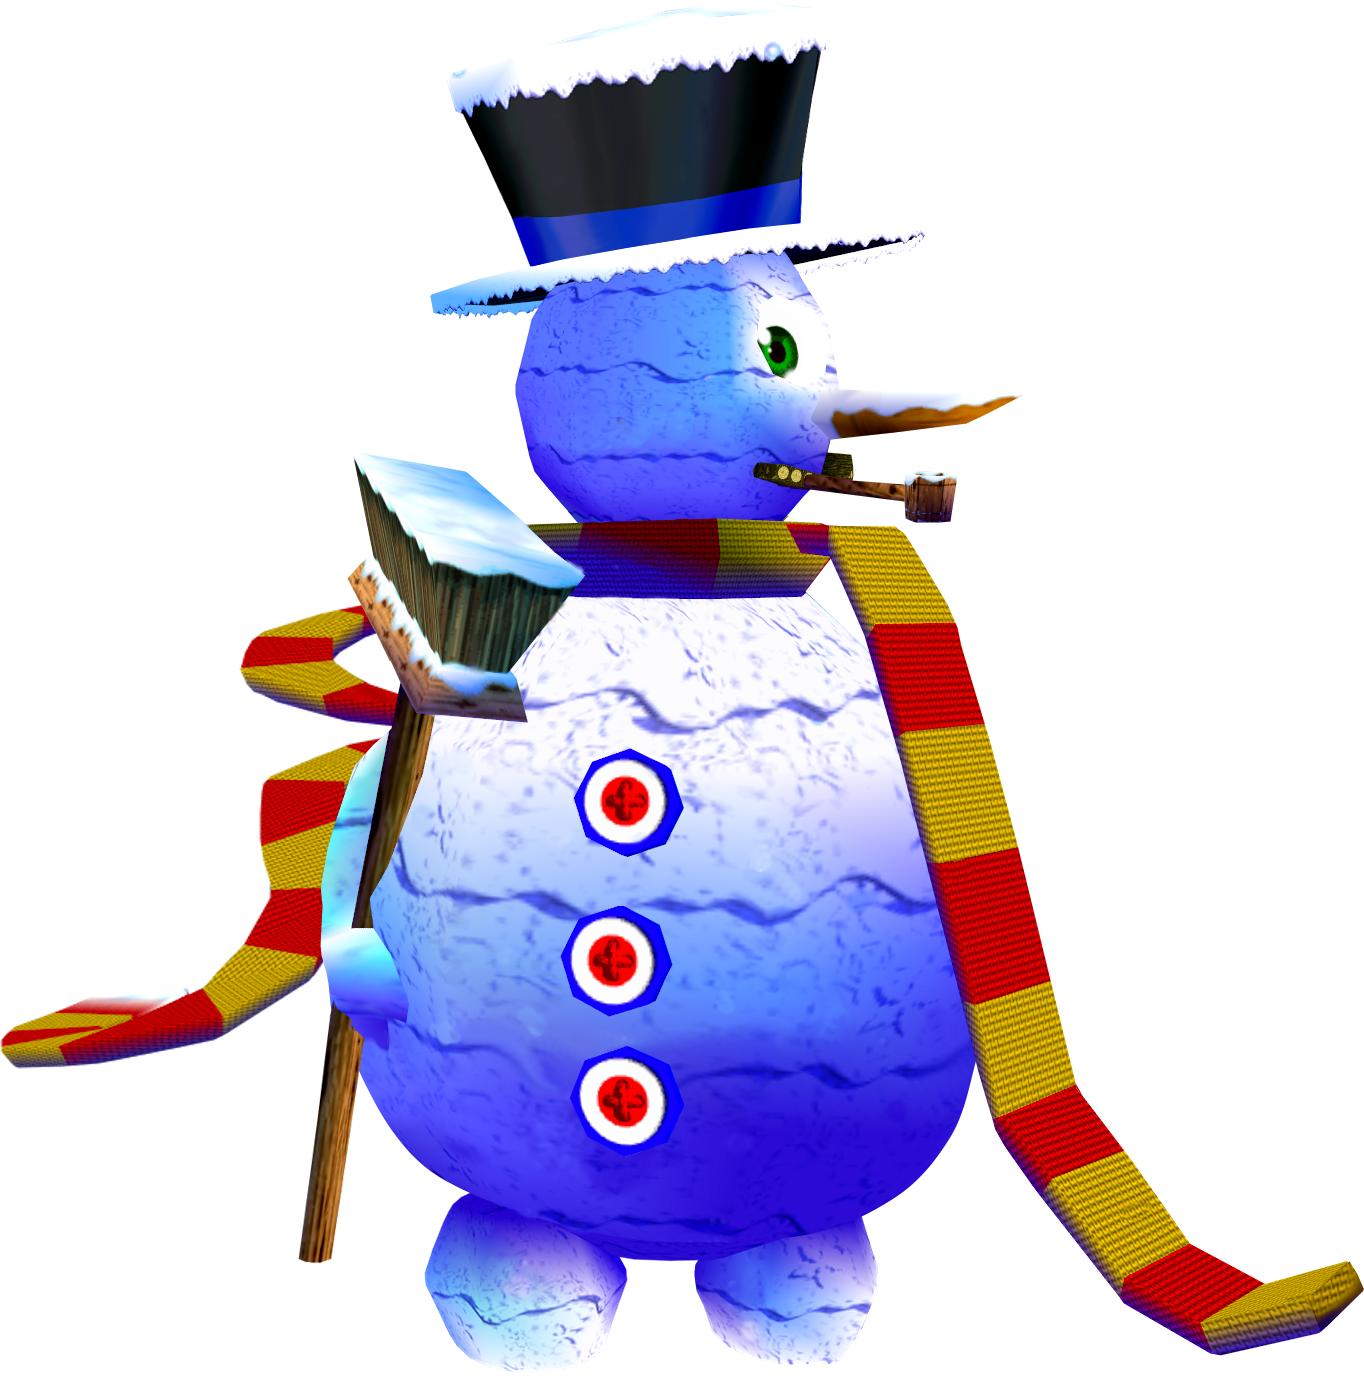 Muñeco de Nieve Gigante | Wiki Banjo Kazooie | FANDOM powered by Wikia